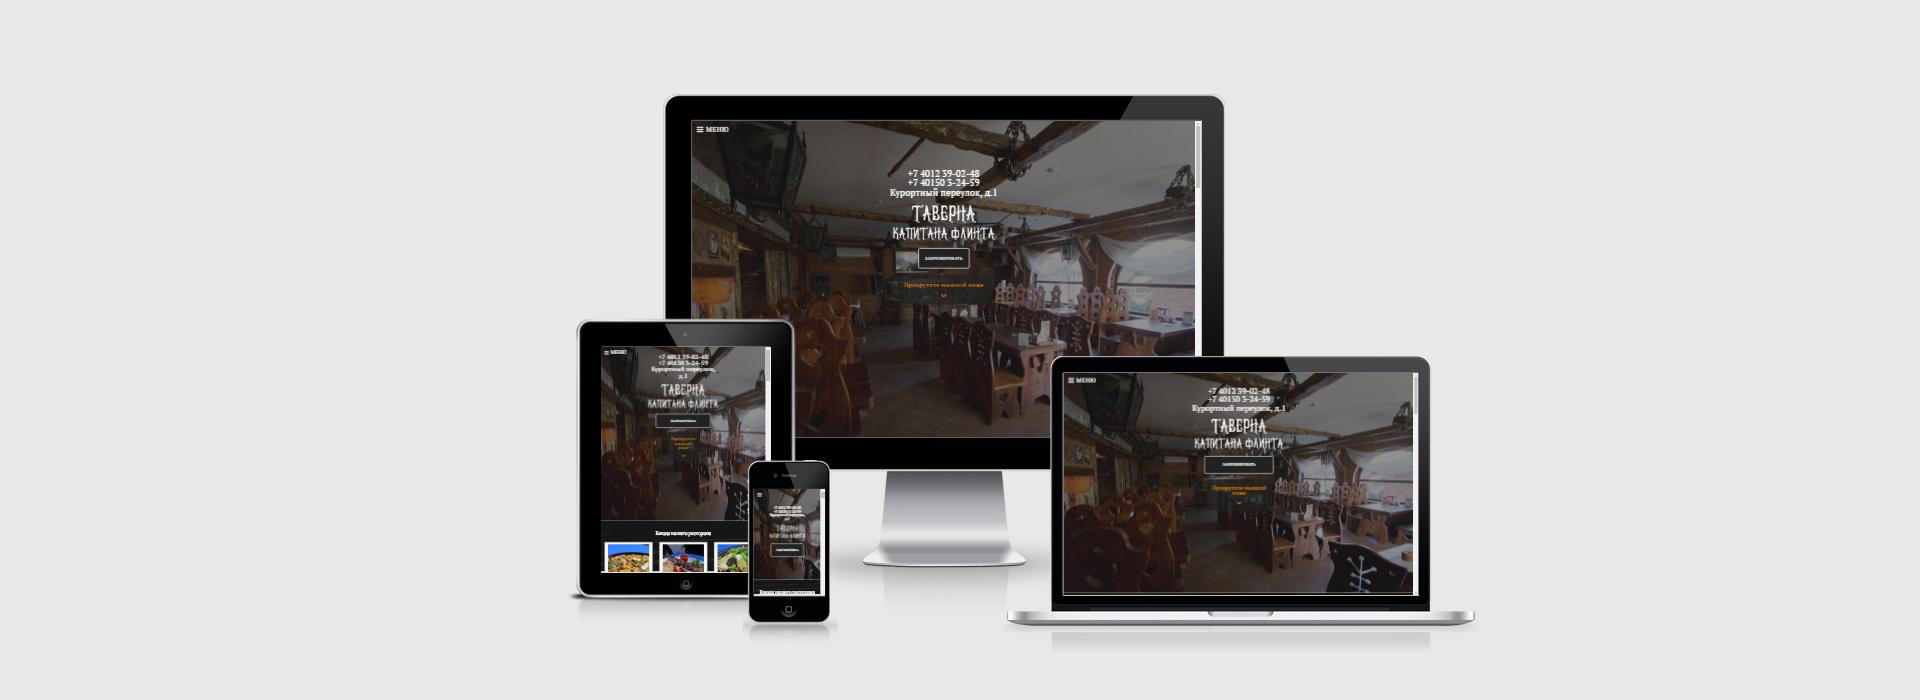 Сайт ресторана Таверна Капитана Флинта